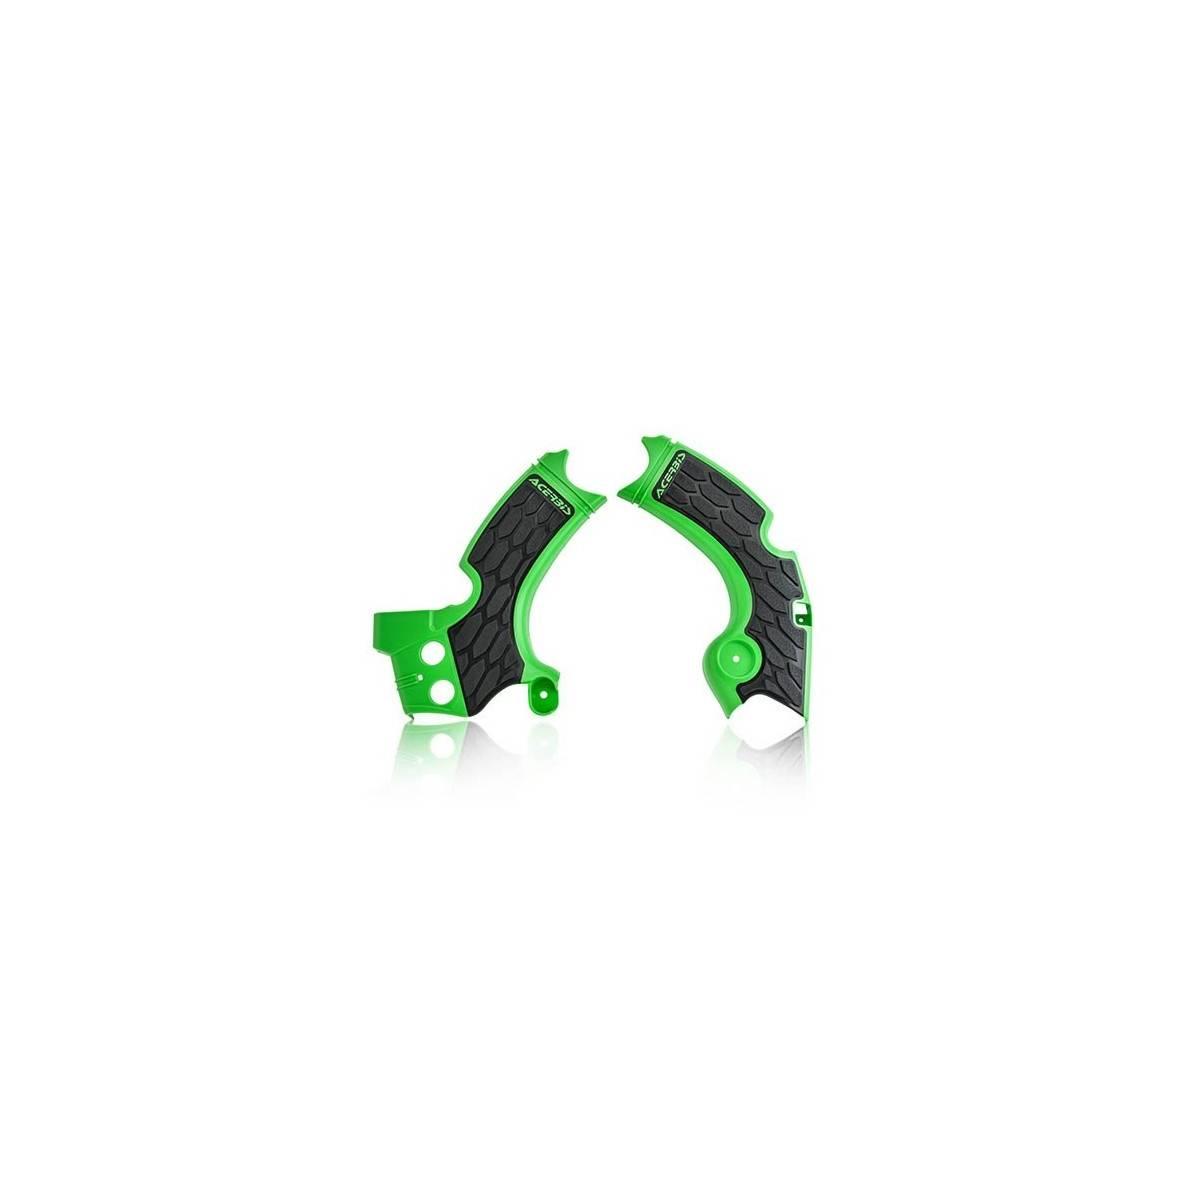 0022574-377 - Cubrechasis Acerbis Kxf250 17 18 Verde Negro